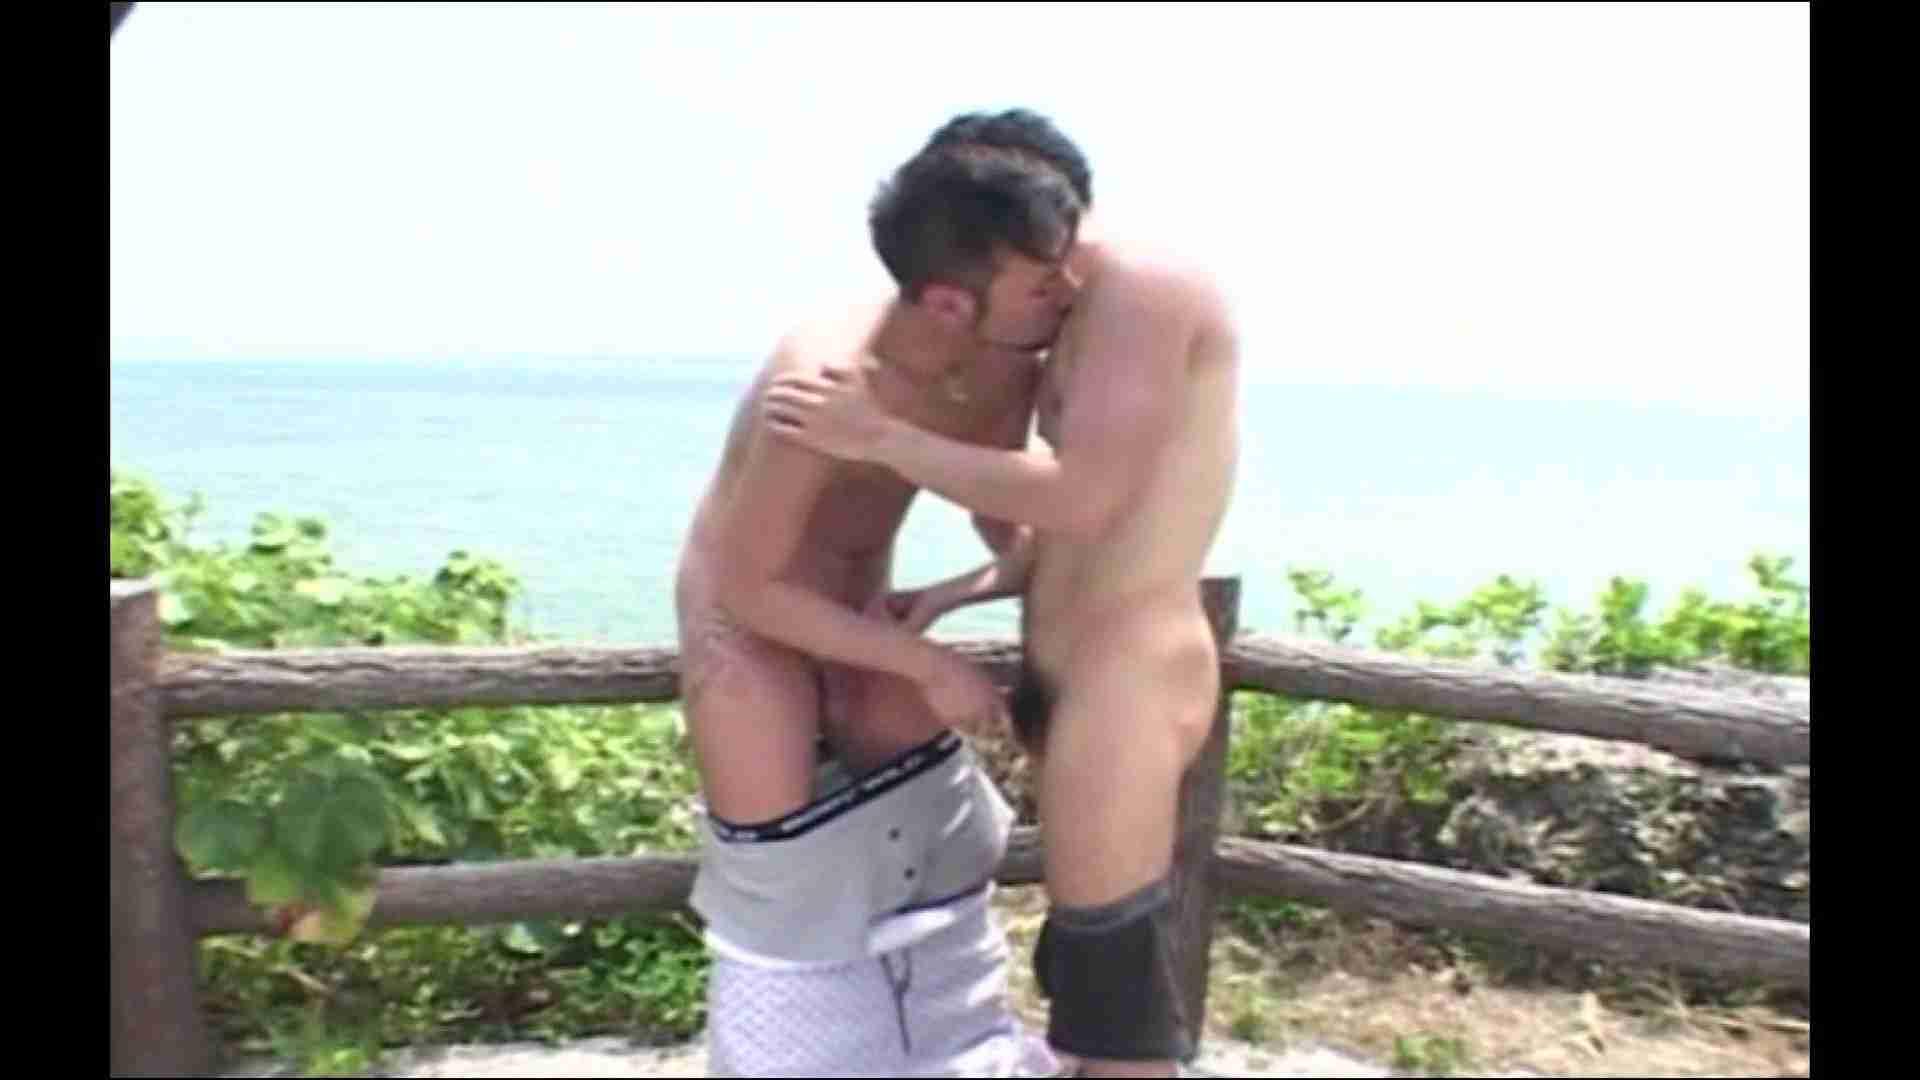 イケイケMEN'SCLUB vol.35 オナニー ゲイヌード画像 93pic 67